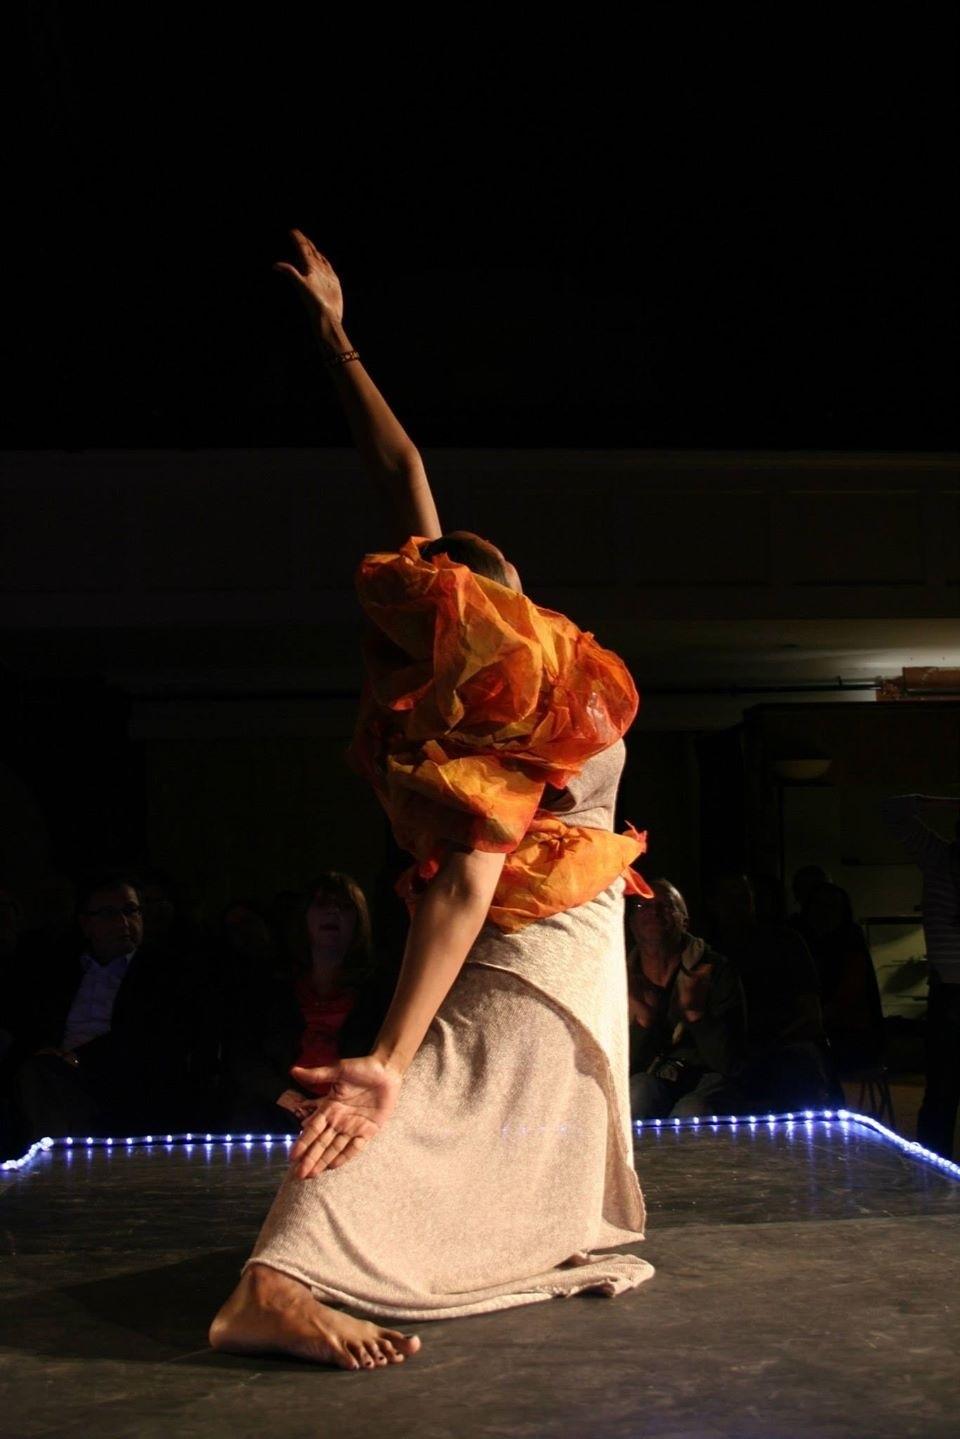 yoga's dark abiding furtive and silenced present